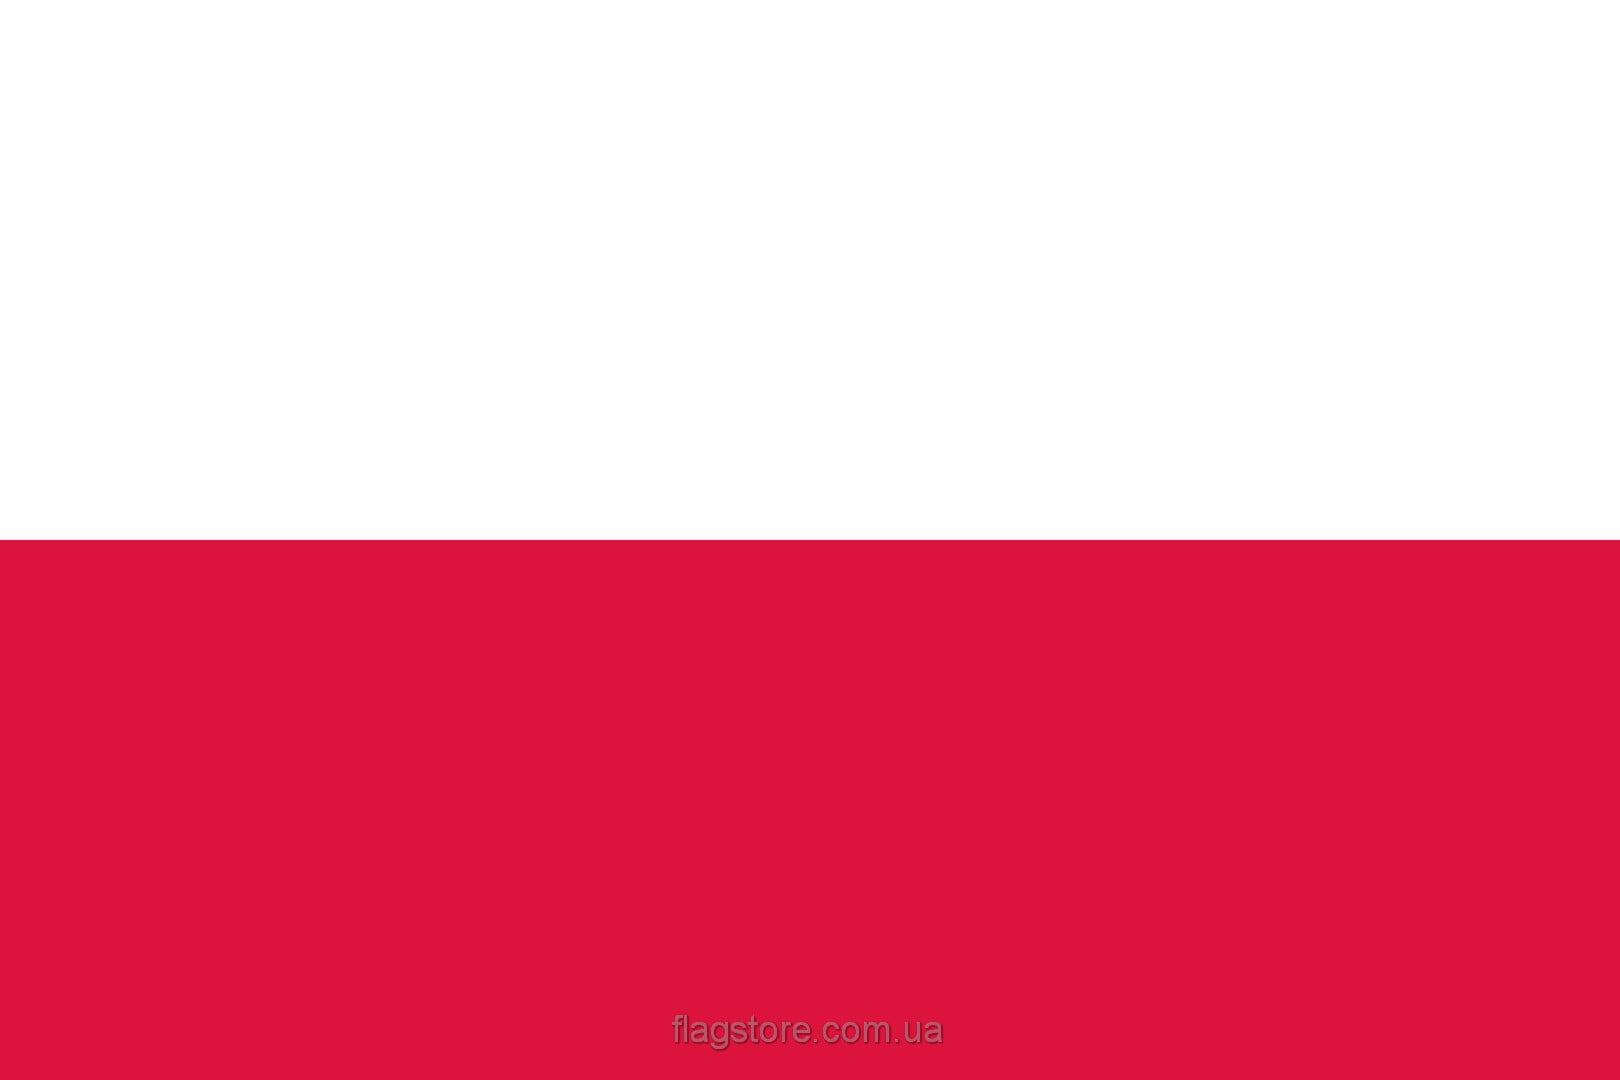 Купить флаг Польши (страны Польша)